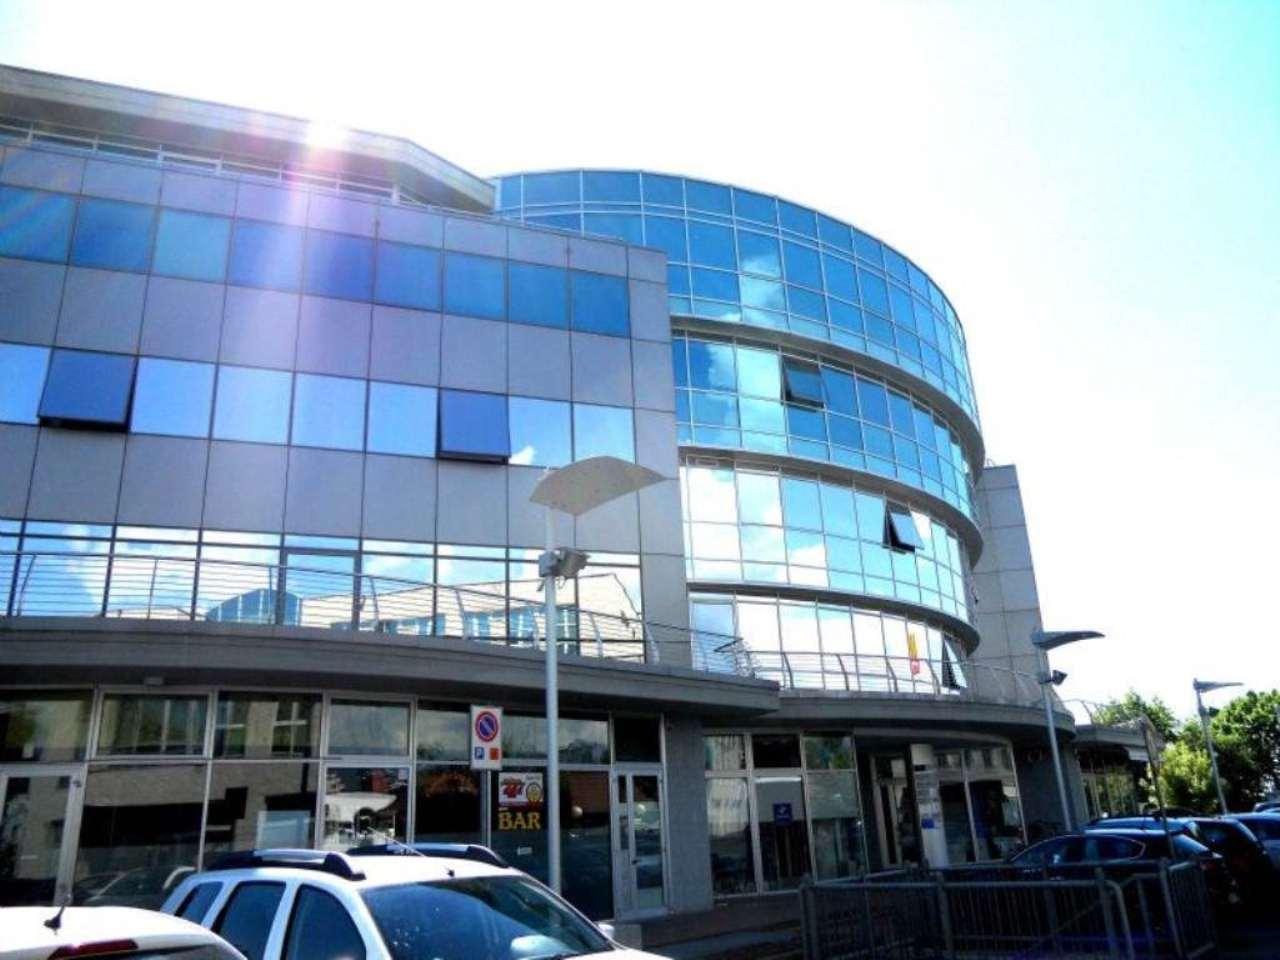 Ufficio / Studio in affitto a Pinerolo, 8 locali, prezzo € 2.500 | Cambio Casa.it